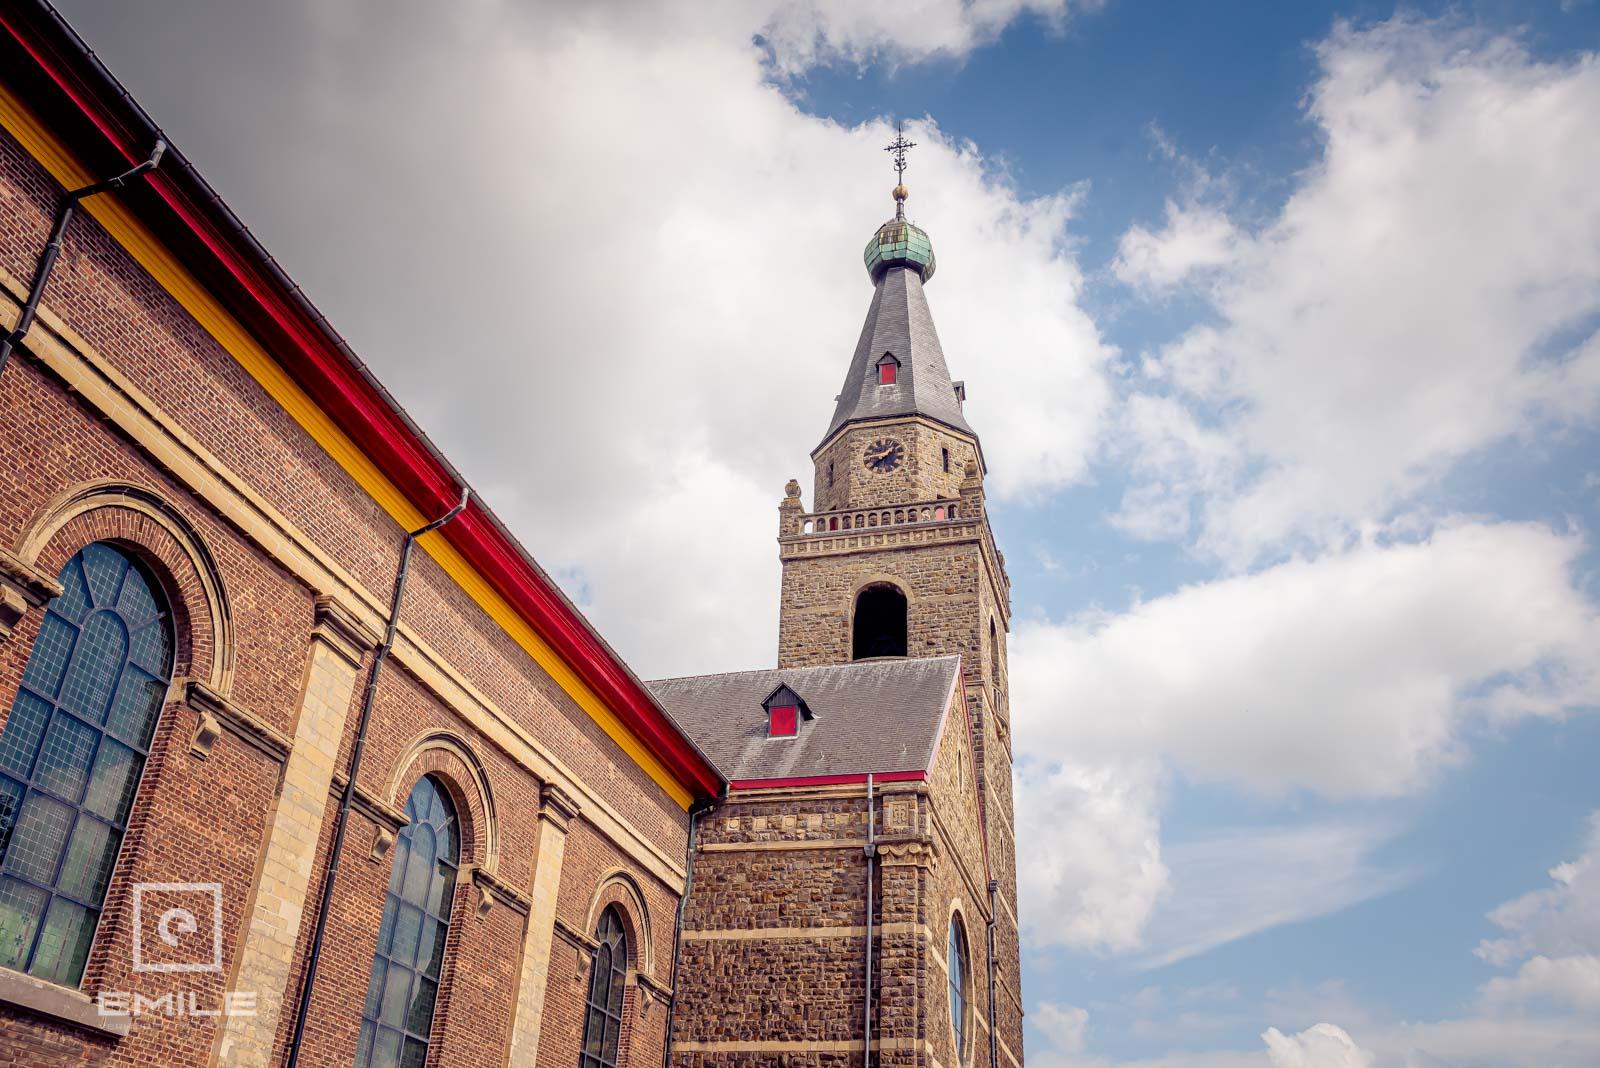 De kerkklok van Wylre